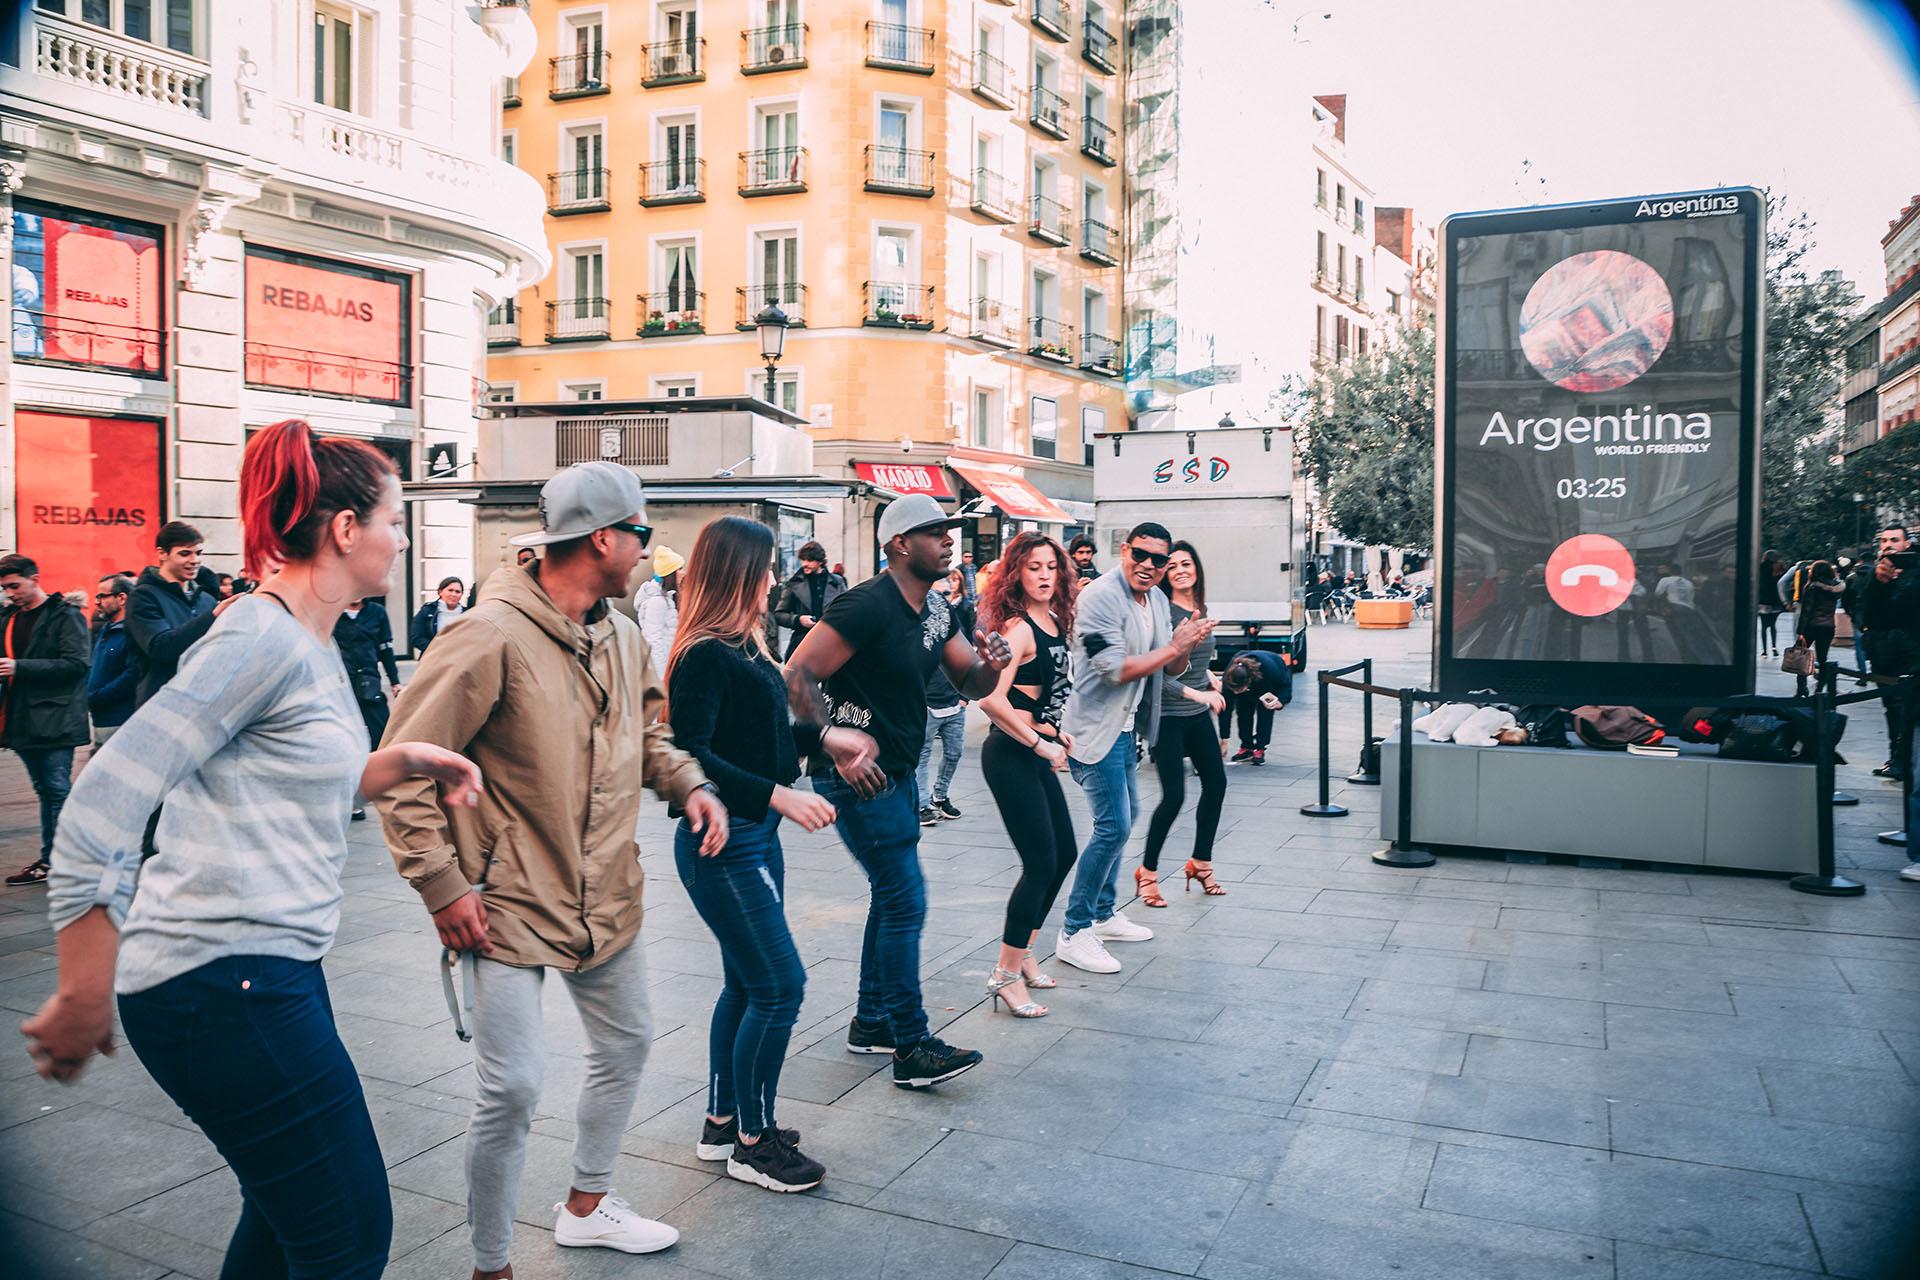 Muchos se animaron a atender el llamado que llegaba desde Argentina, y hasta hubo baile.